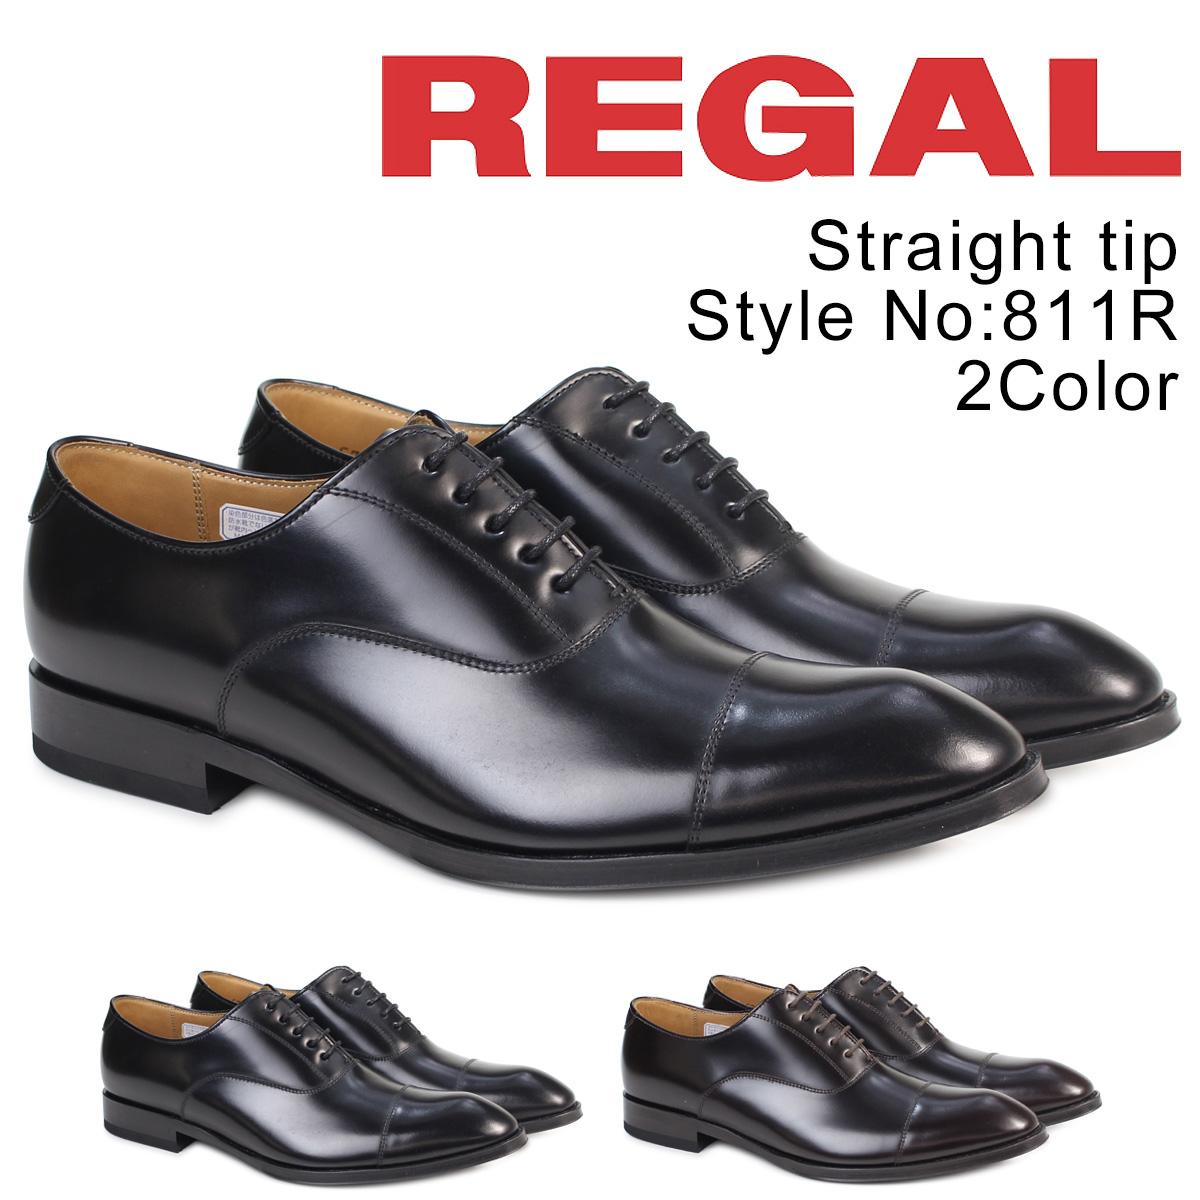 REGAL 靴 メンズ リーガル ビジネスシューズ 811R AL ストレートチップ